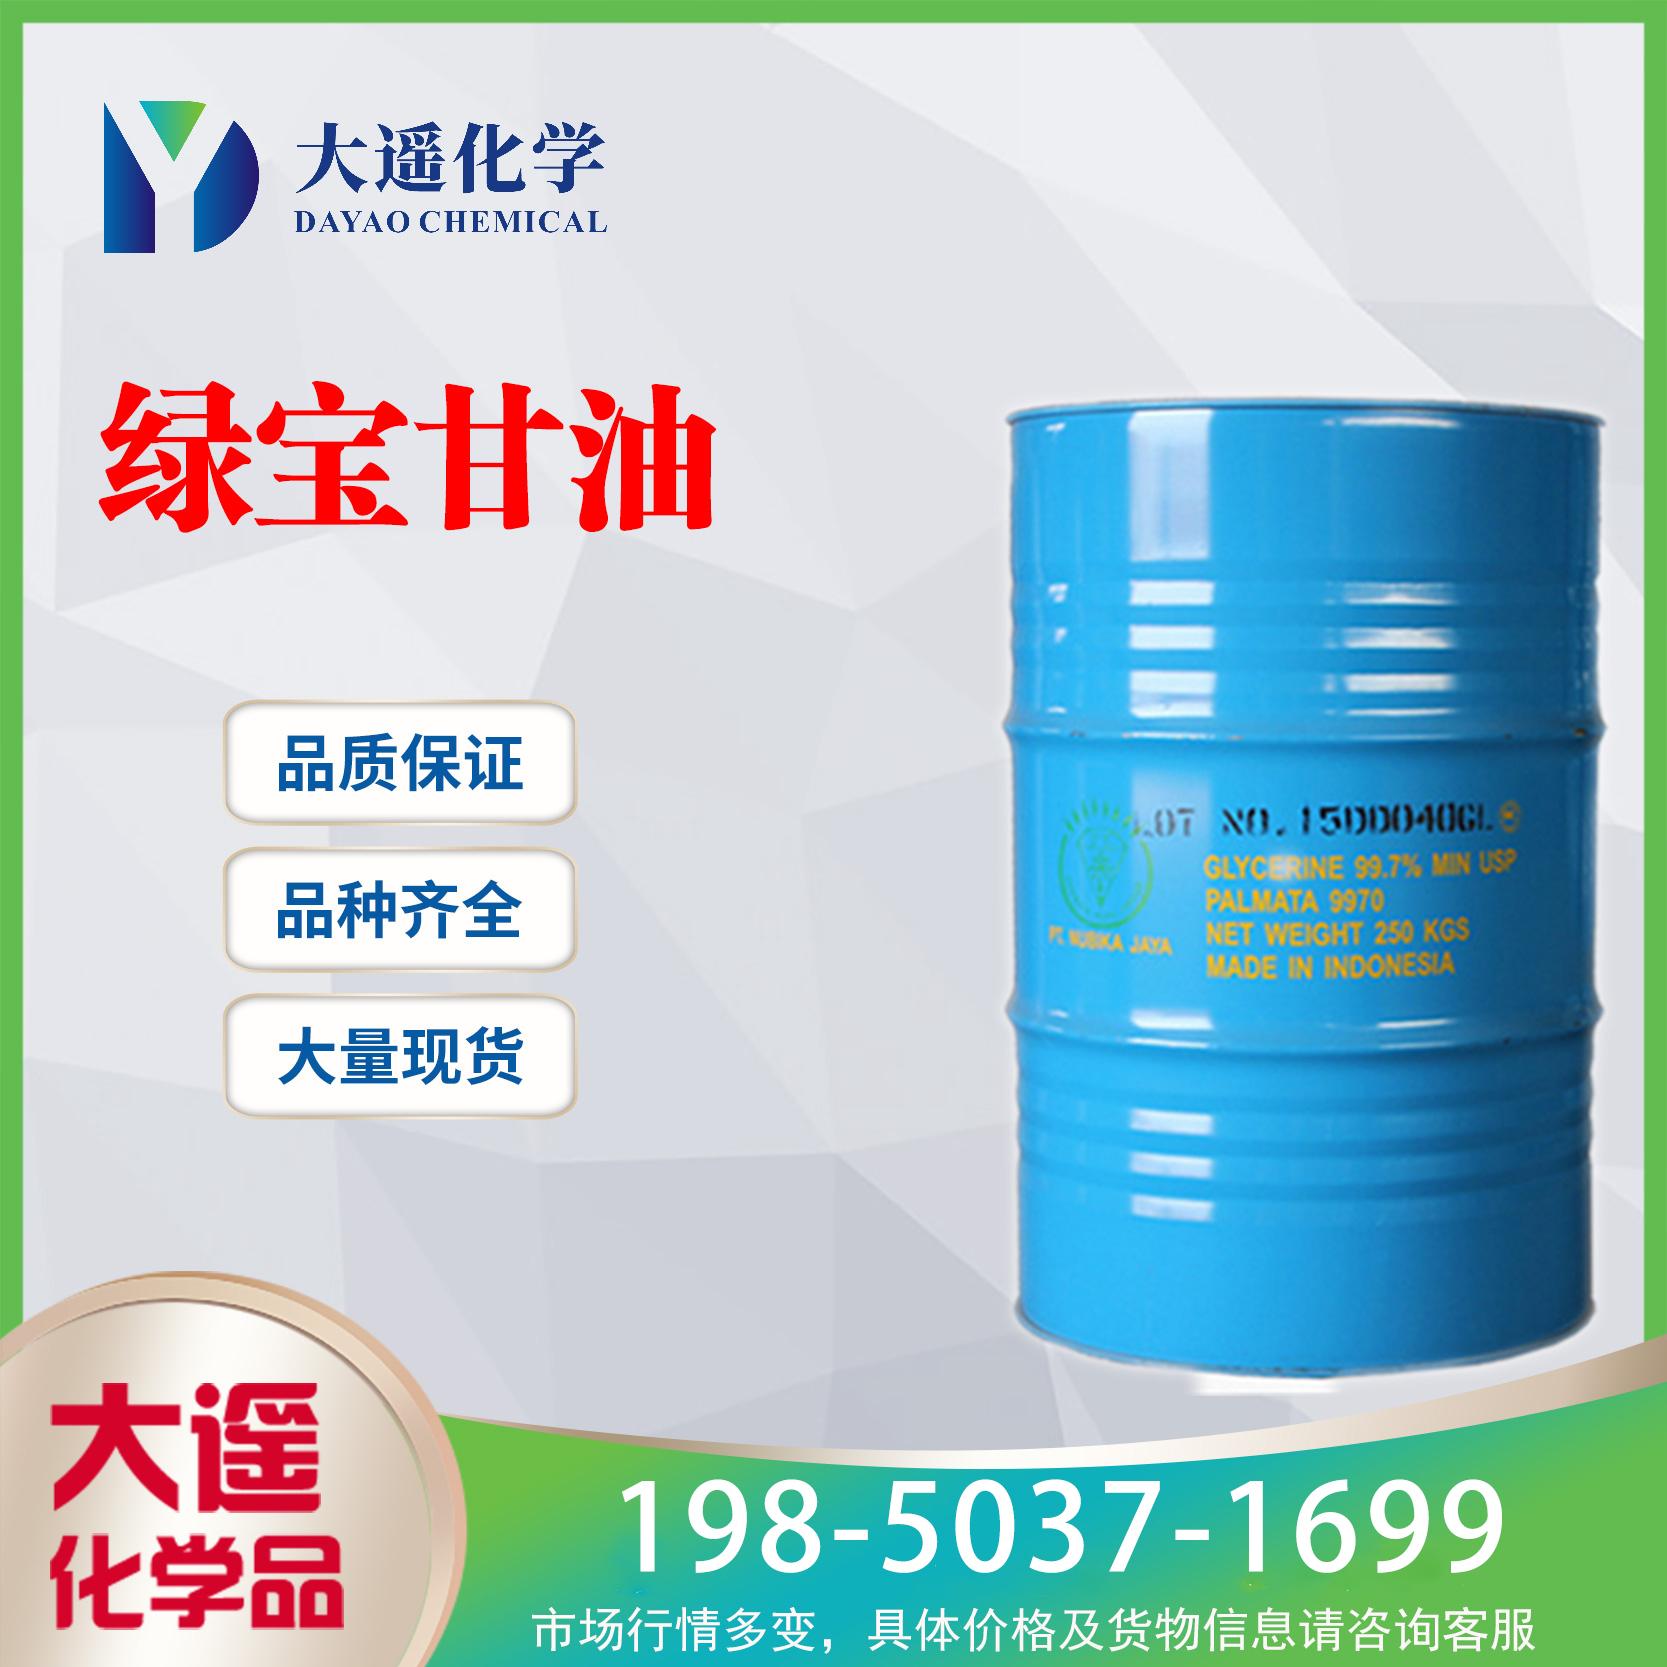 现货供应 95含量甘油 工业级甘油 丙三醇 250KG/桶 散水 56-81-5